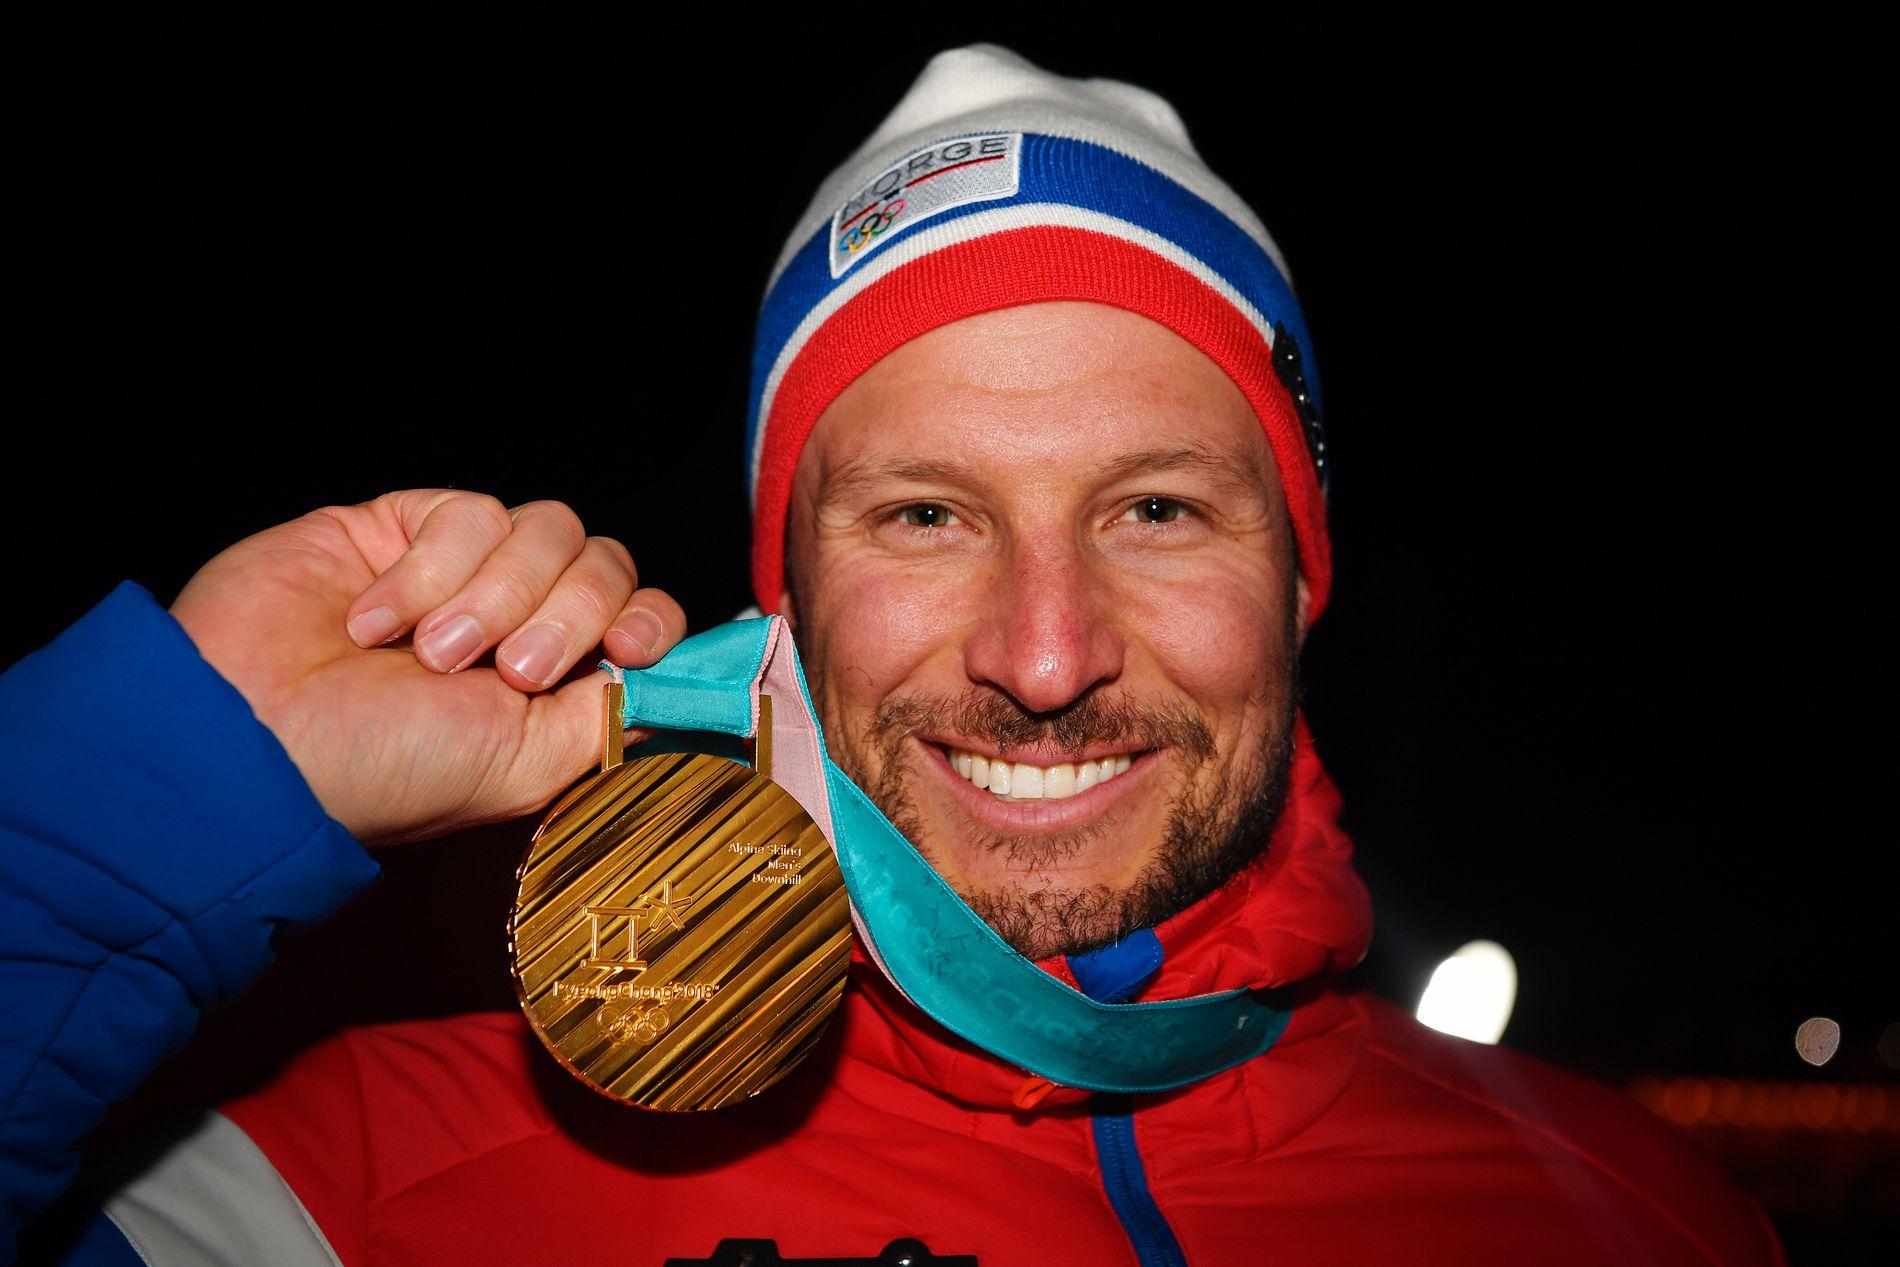 FORTSETTER: Aksel Lund Svindal fortsetter på alpin-landslaget også neste sesong.